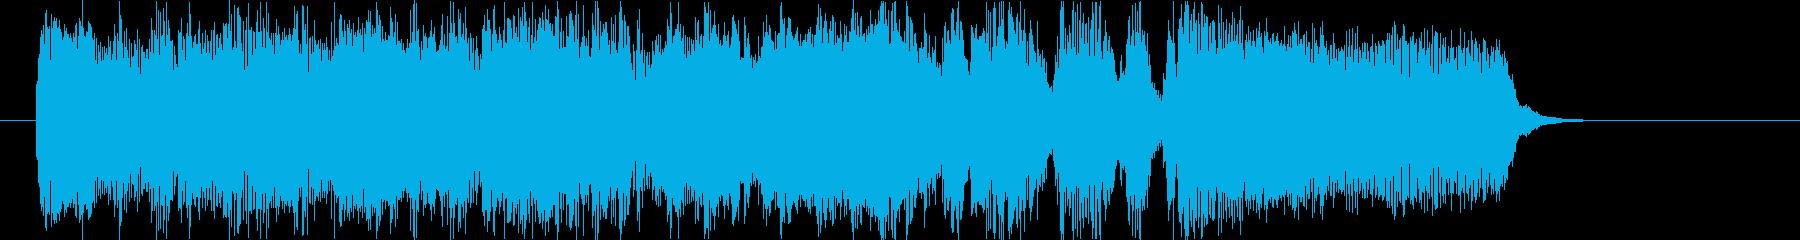 ビッグバンドのジングルの再生済みの波形